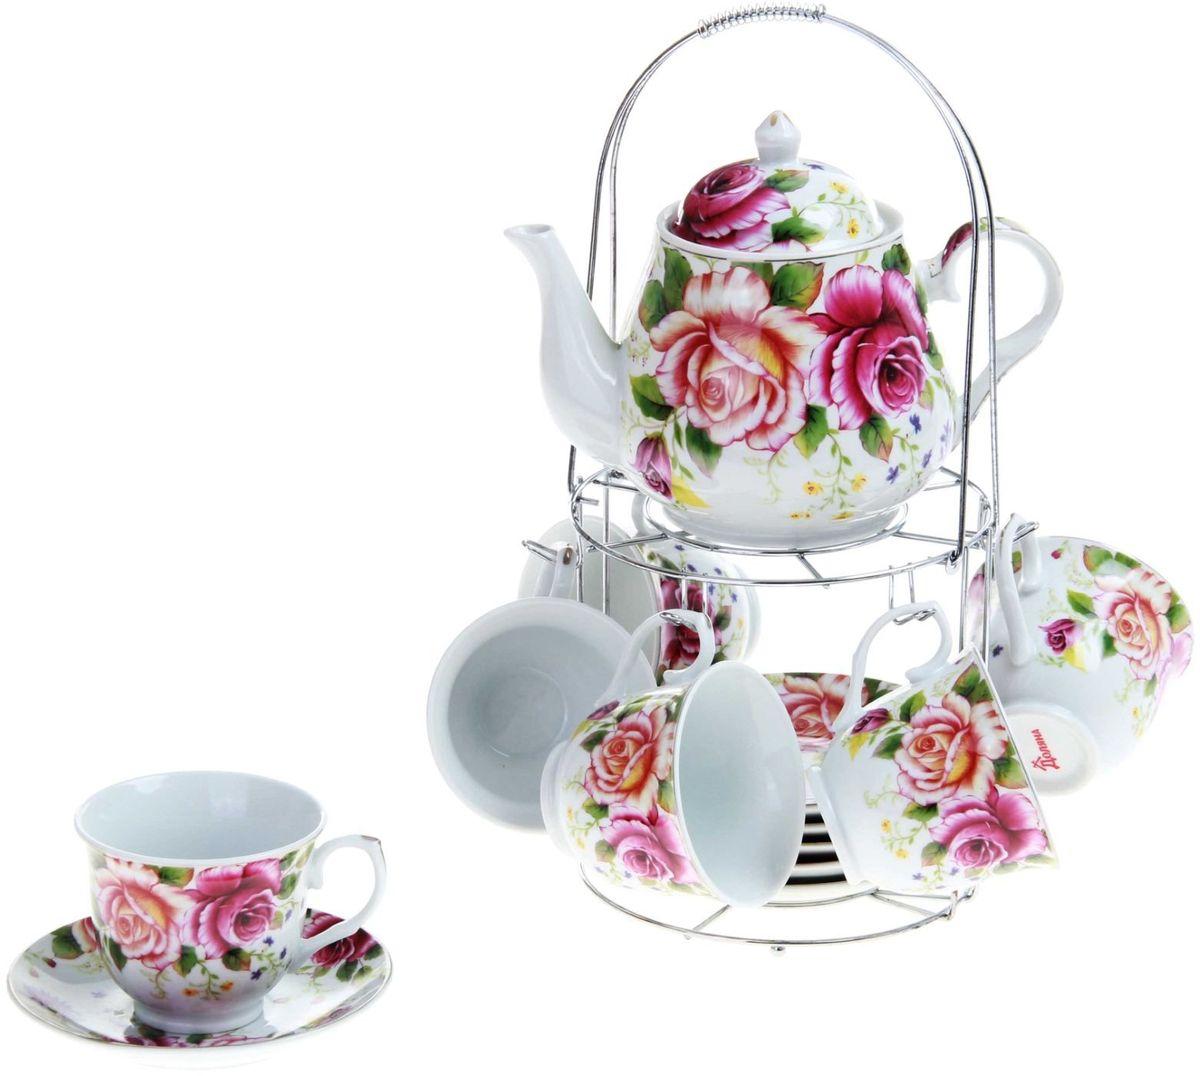 Набор чайный Доляна Томная роза, 13 предметов240597Какую посуду выбрать для чаепития? Конечно, традиционный напиток по необходимости можно пить и из помятой алюминиевой кружки. Но все-таки большинство хозяек стараются приобрести изящные и оригинальные модели для эстетического наслаждения неповторимым вкусом и тонким ароматом хорошего чая. Кухонная керамика сочетает в себе бытовую практичность и декоративную утонченность. Набор чайный на 6 персон Томная роза, 13 предметов: 6 чайных пар 230 мл, чайник 1 л отличается высокой прочностью и обаятельным дизайном. Нарядный комплект обязательных для чаепития атрибутов изготовлен на родине древнего напитка и привнесет в каждую трапезу особую энергетику.